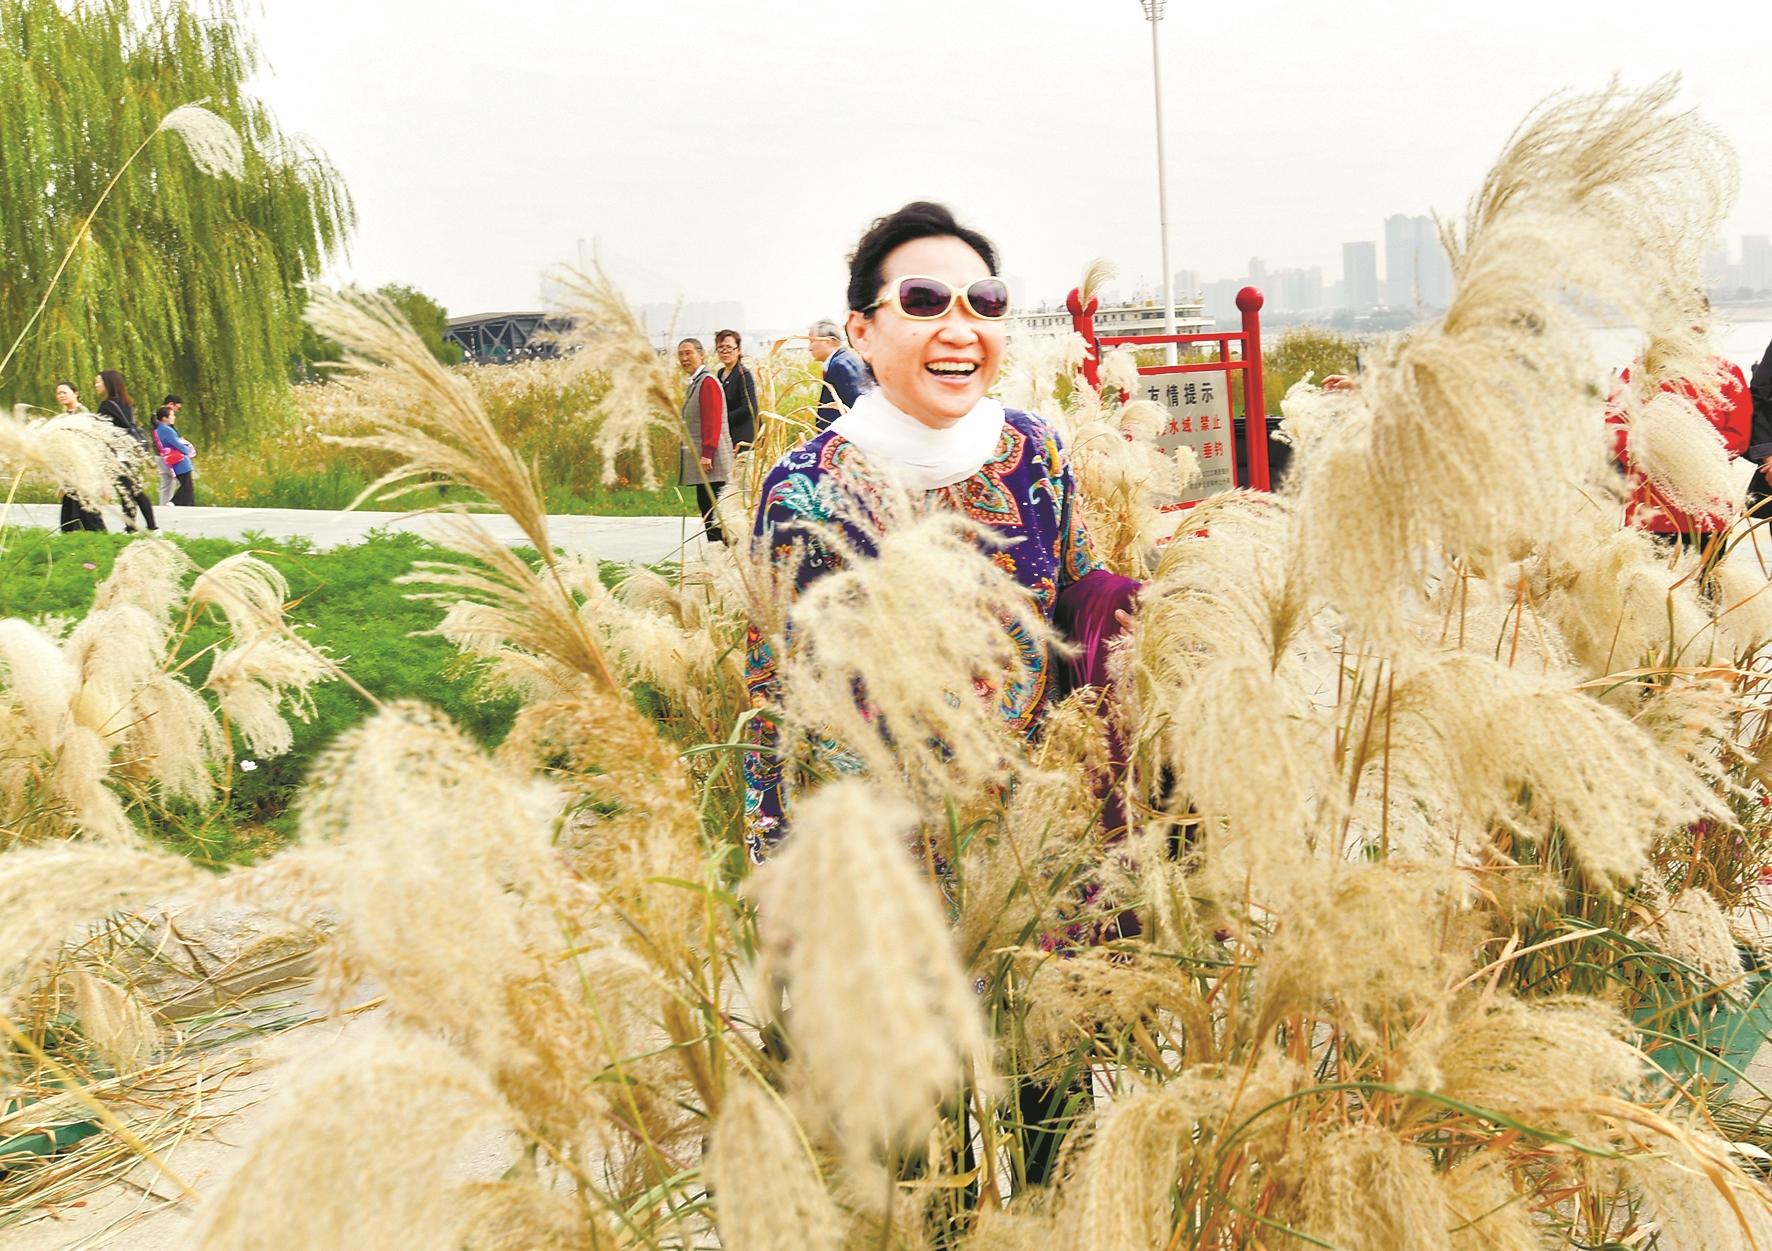 芦花节和地书大赛在汉口江滩同期举行